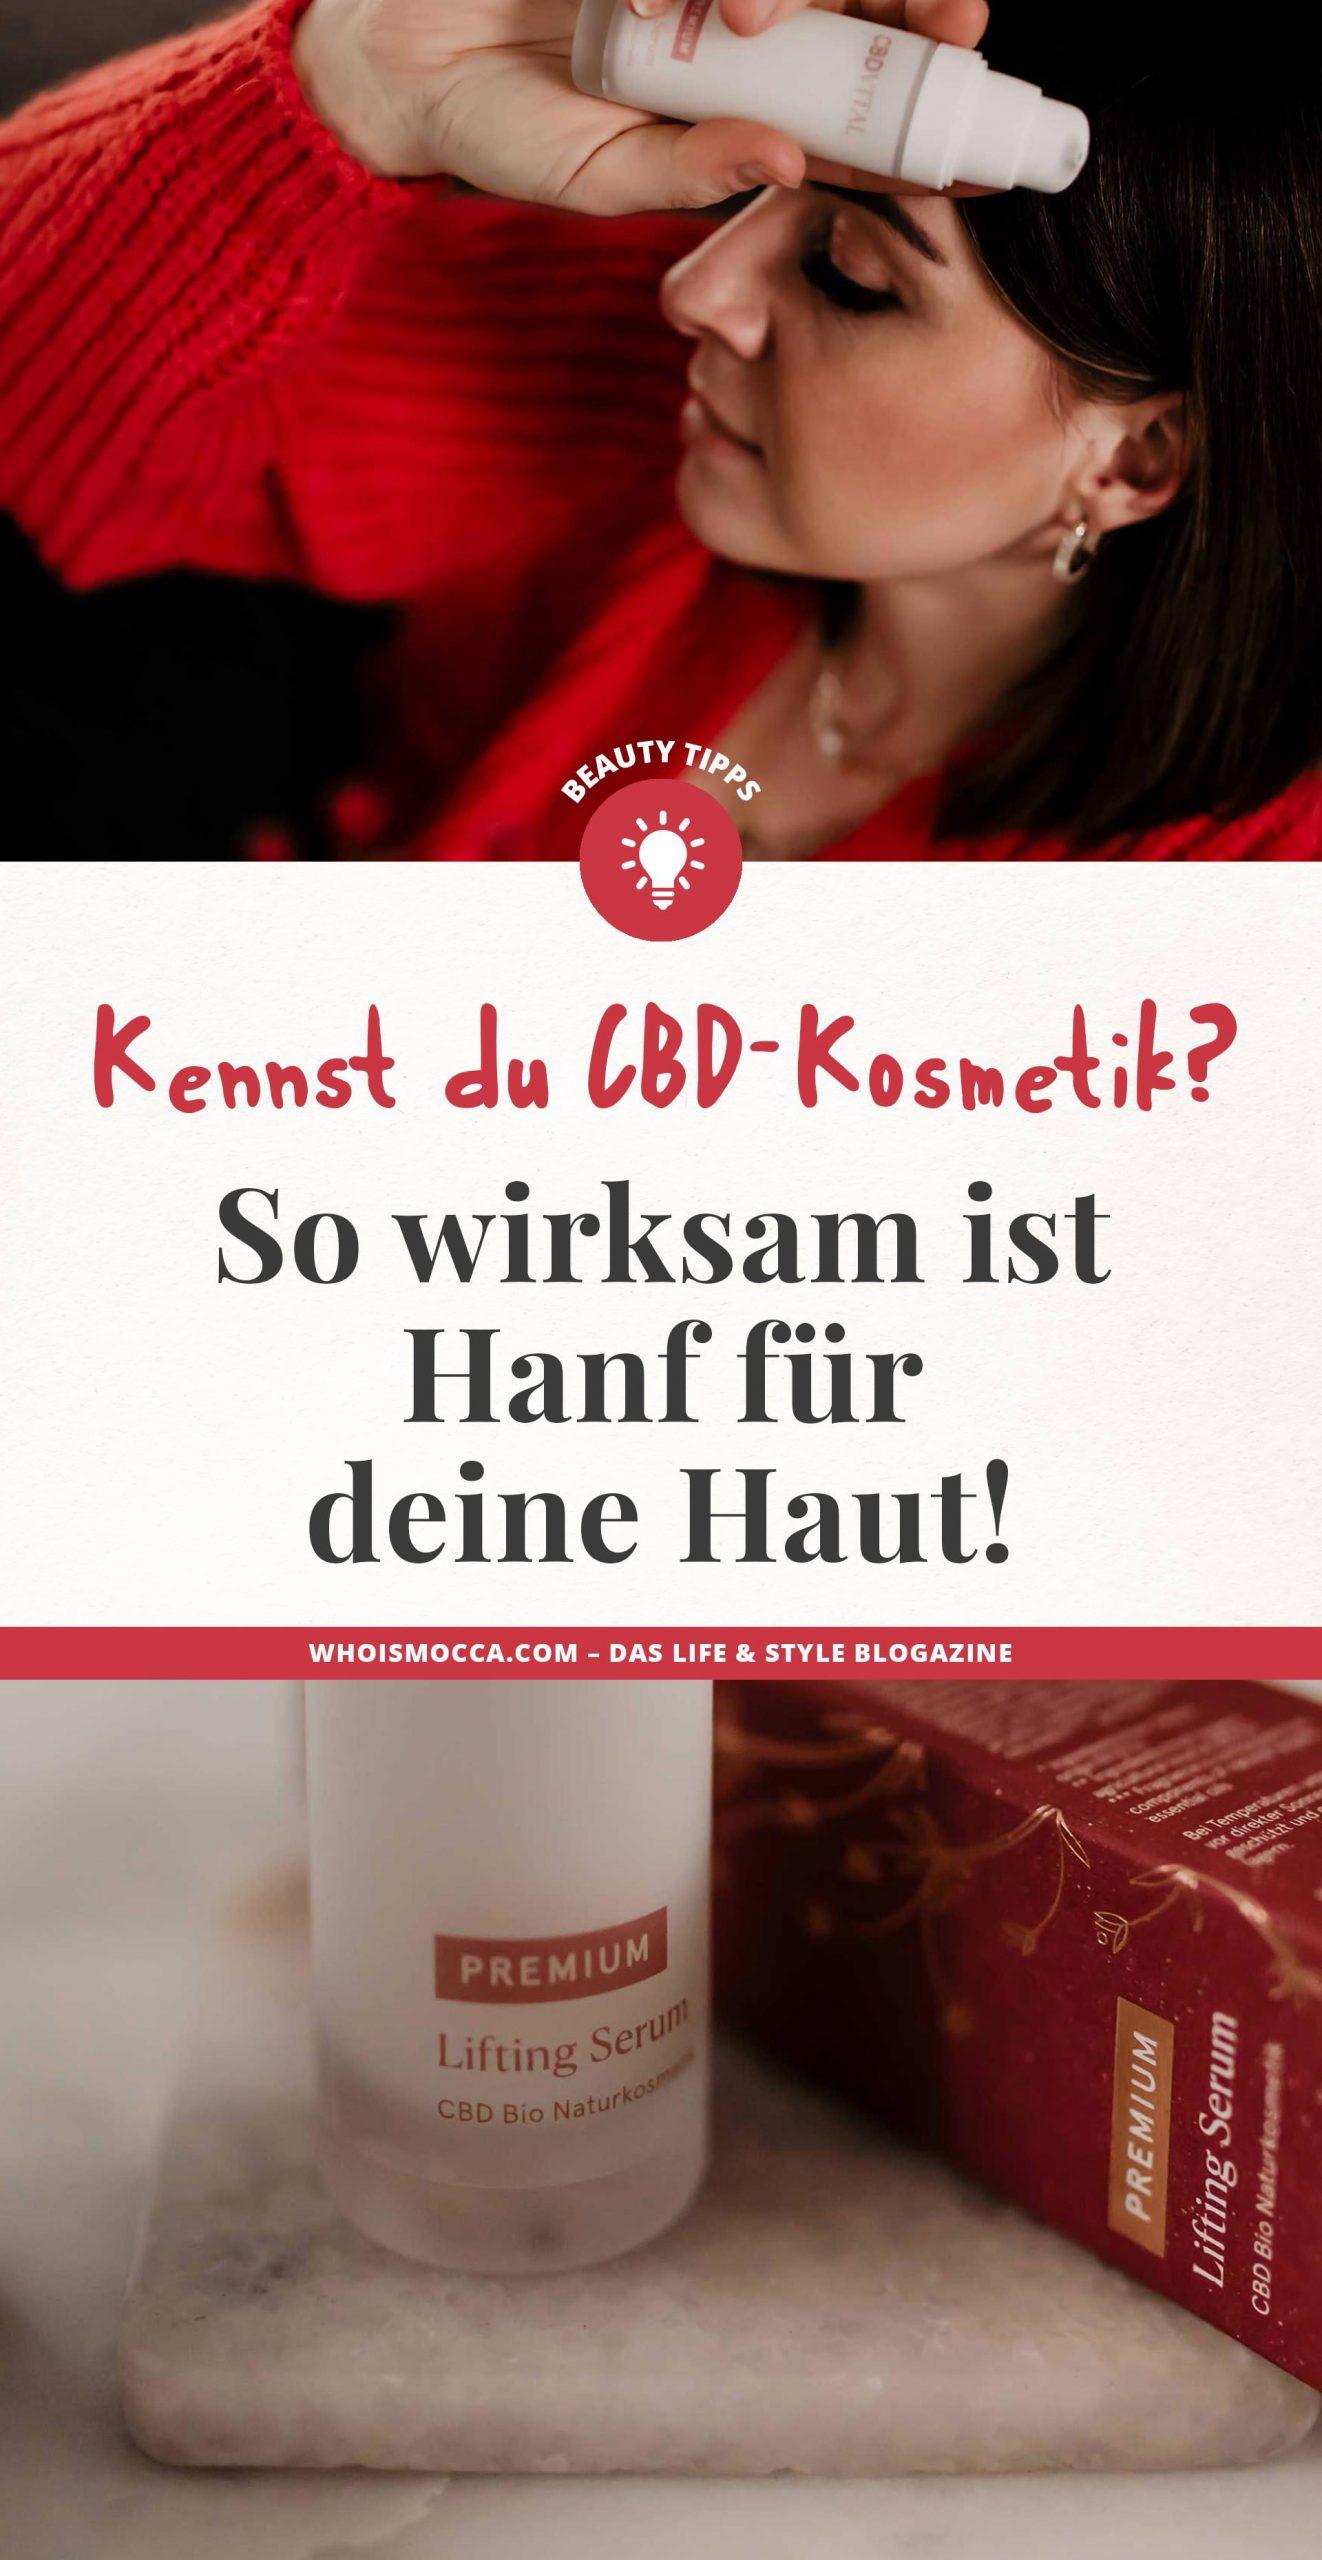 Anzeige. Am Naturkosmetik Blog erzähle ich dir heute, warum es sich lohnt bei deiner Hautpflege auf CBD-Kosmetikzu setzen. Natürliches Anti-Aging kann so einfach sein, am Naturkosmetik Beautyblog verrate ich dir mehr. www.whoismocca.com #cbdkosmetik #hanfkosmetik #naturkosmetik